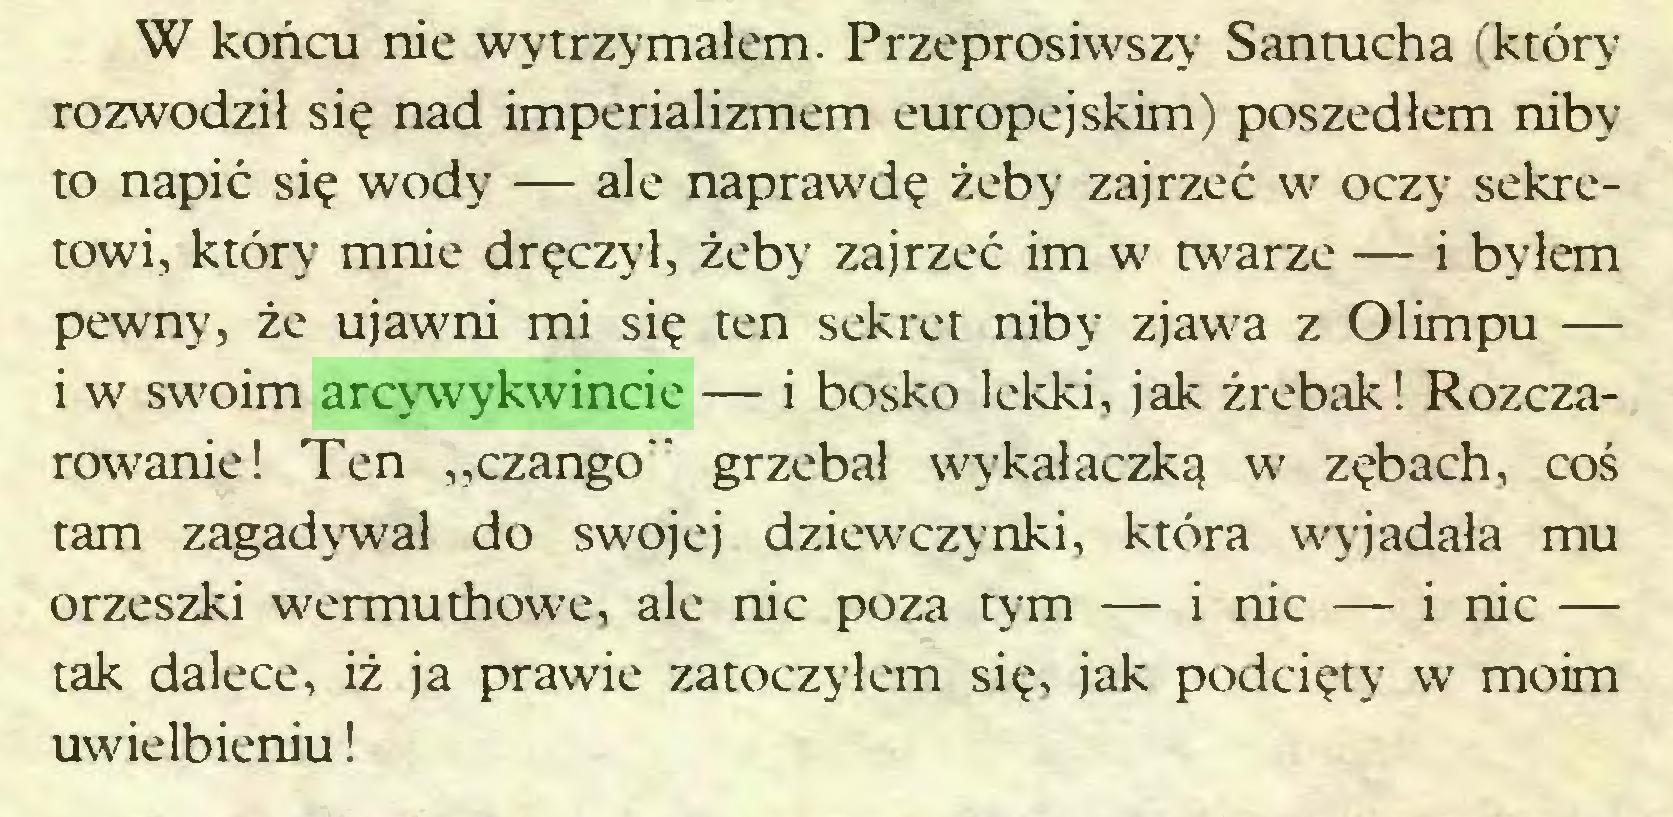 """(...) W końcu nie wytrzymałem. Przeprosiwszy Santucha (który rozwodził się nad imperializmem europejskim) poszedłem niby to napić się wody — ale naprawdę żeby zajrzeć wr oczy sekretowi, który mnie dręczył, żeby zajrzeć im w twarze — i byłem pewny, że ujawni mi się ten sekret niby zjawa z Olimpu — i w swoim arcywykwincie — i bosko lekki, jak źrebak! Rozczarowanie! Ten """"czango"""" grzebał wykałaczką w zębach, coś tam zagadywał do swojej dziewczynki, która wyjadała mu orzeszki wermuthowe, ale nic poza tym — i nic — i nic — tak dalece, iż ja prawie zatoczyłem się, jak podcięty w moim uwielbieniu!..."""